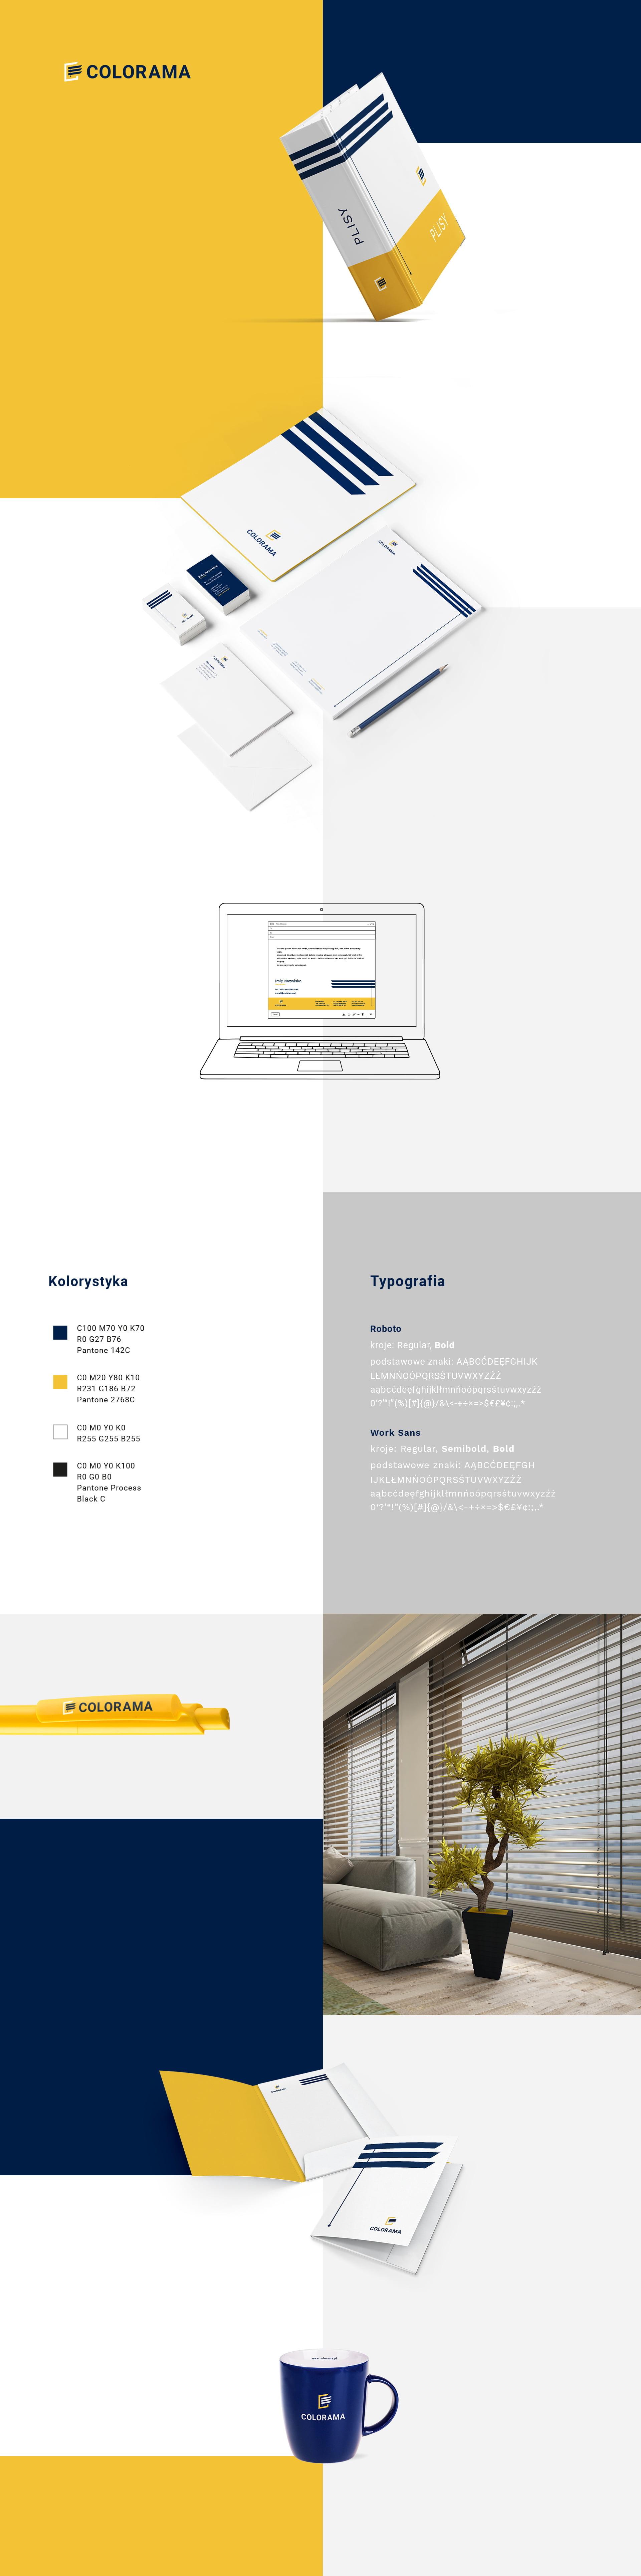 Projekty identyfikacji wizualnej dla marki Colorama